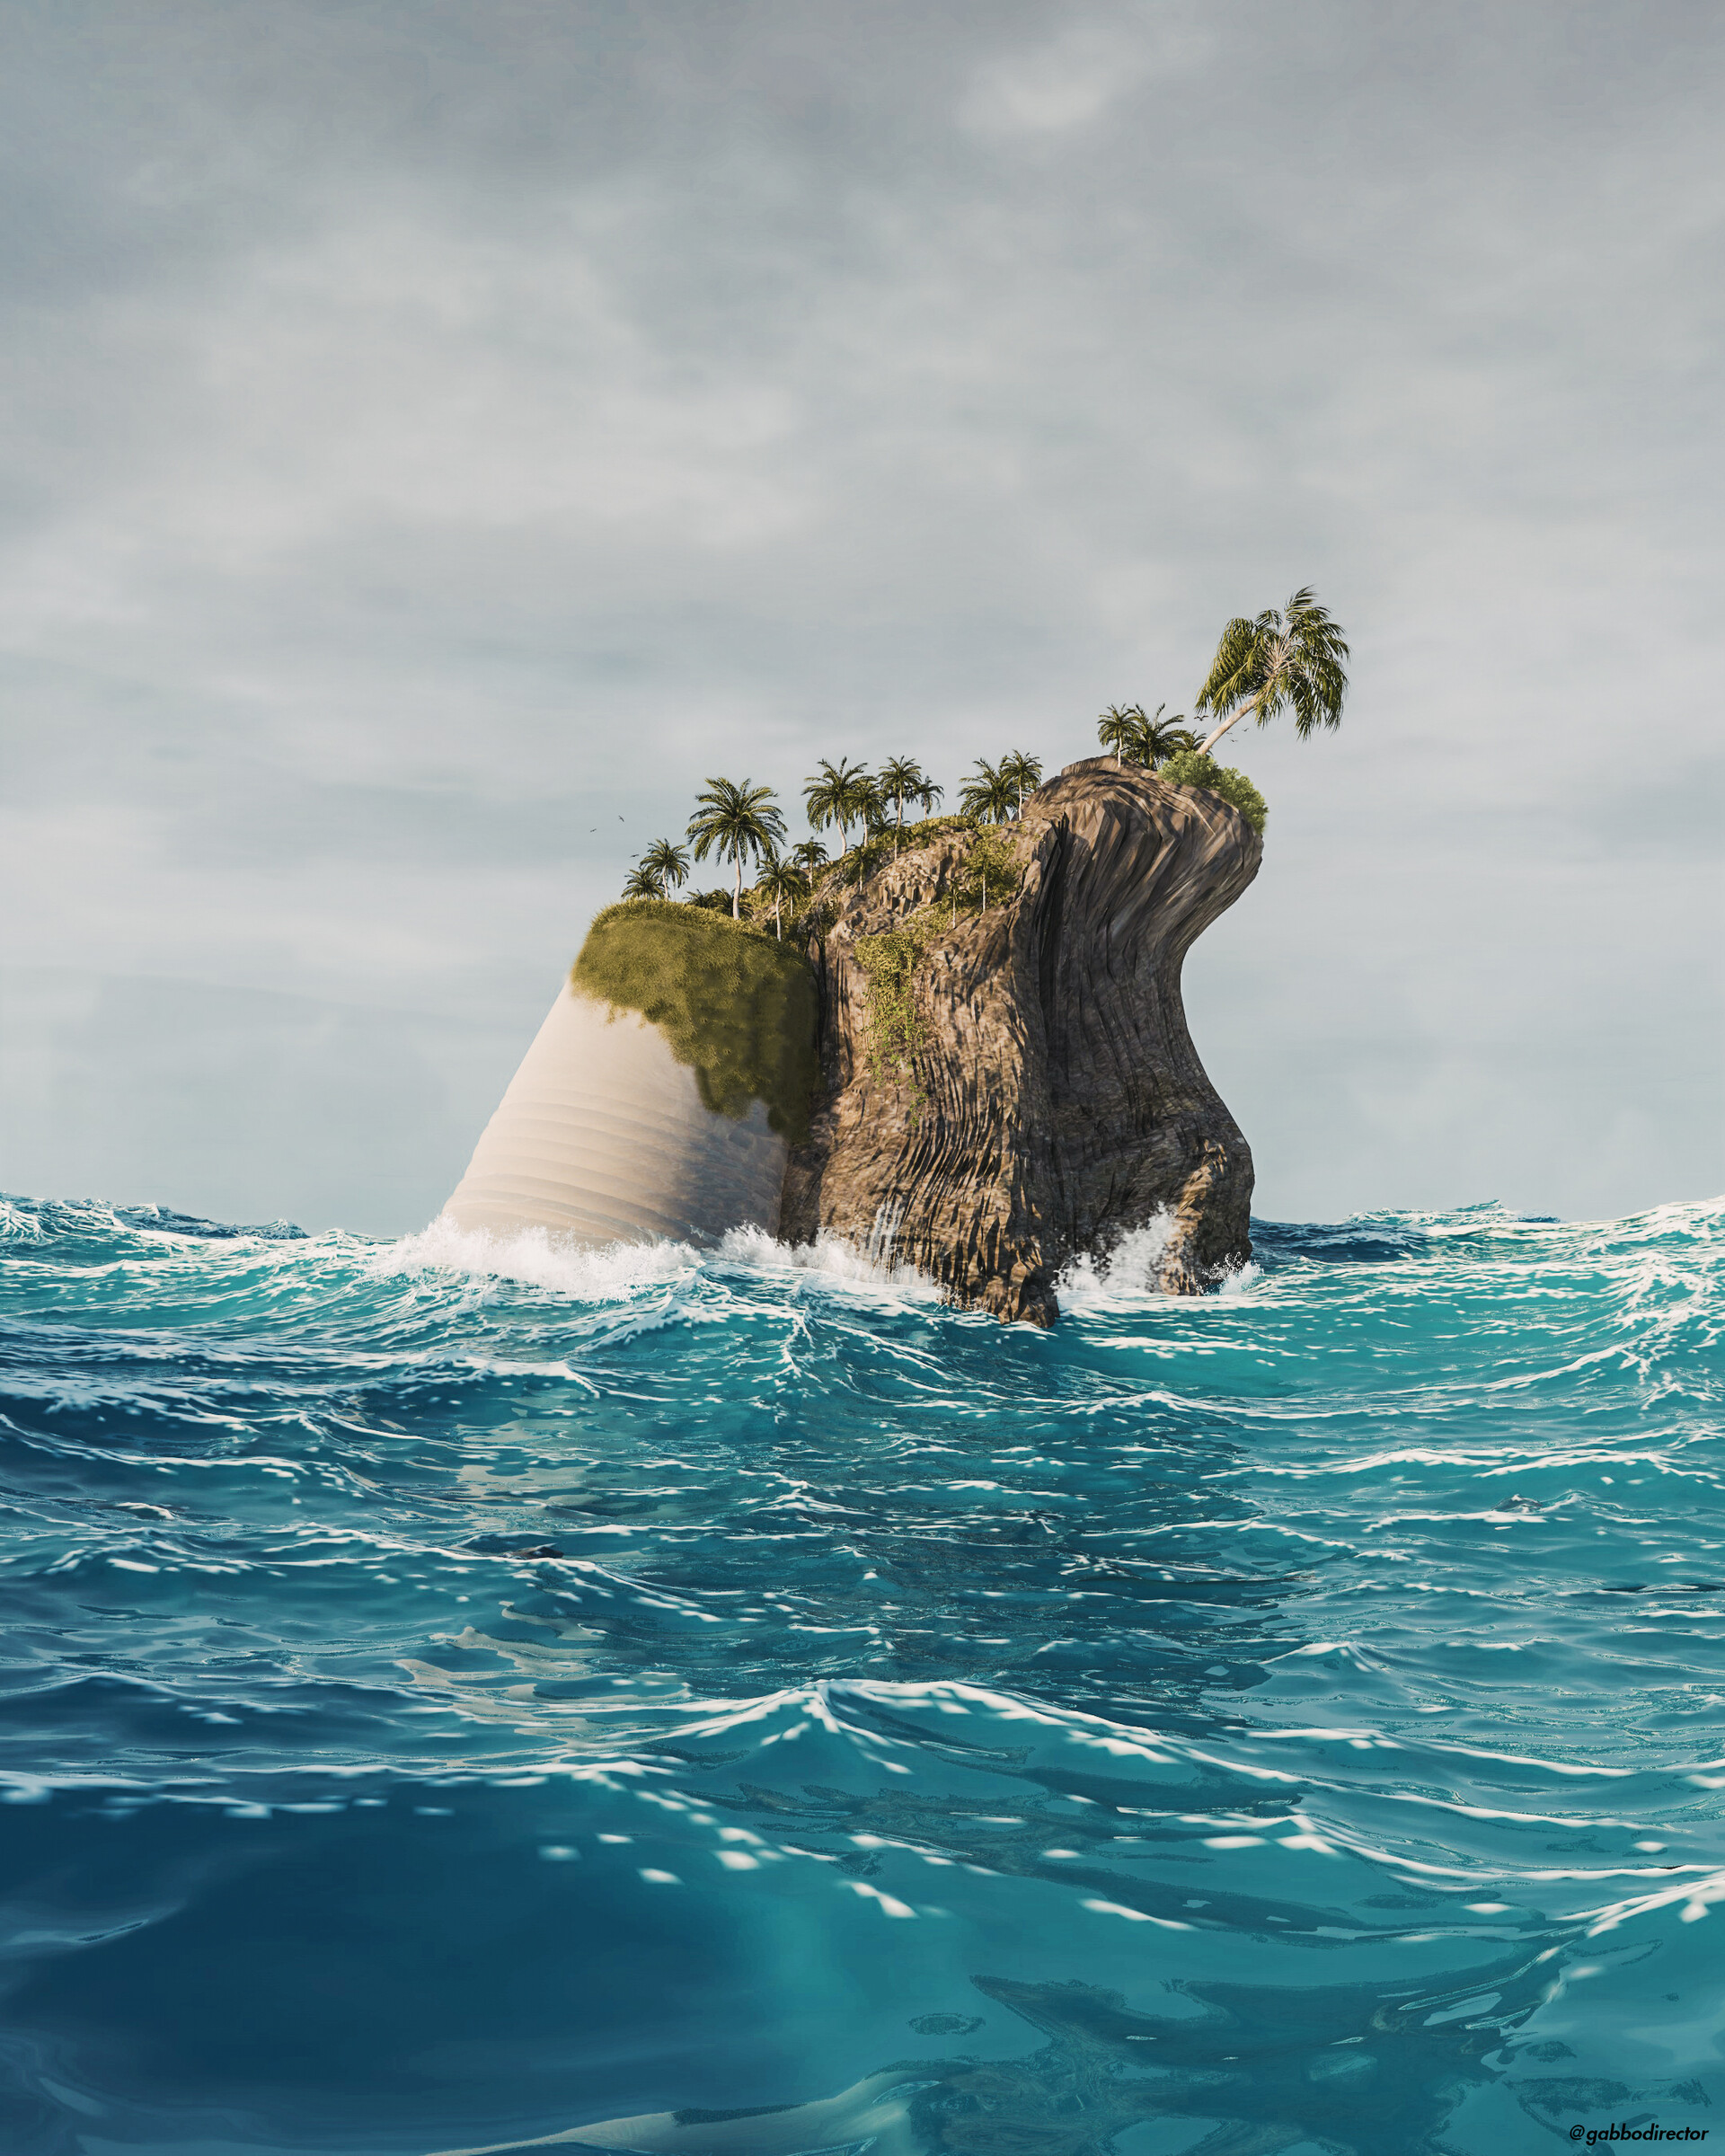 54471 Salvapantallas y fondos de pantalla 3D en tu teléfono. Descarga imágenes de Isla, Mar, 3D, Ondas, Palms gratis